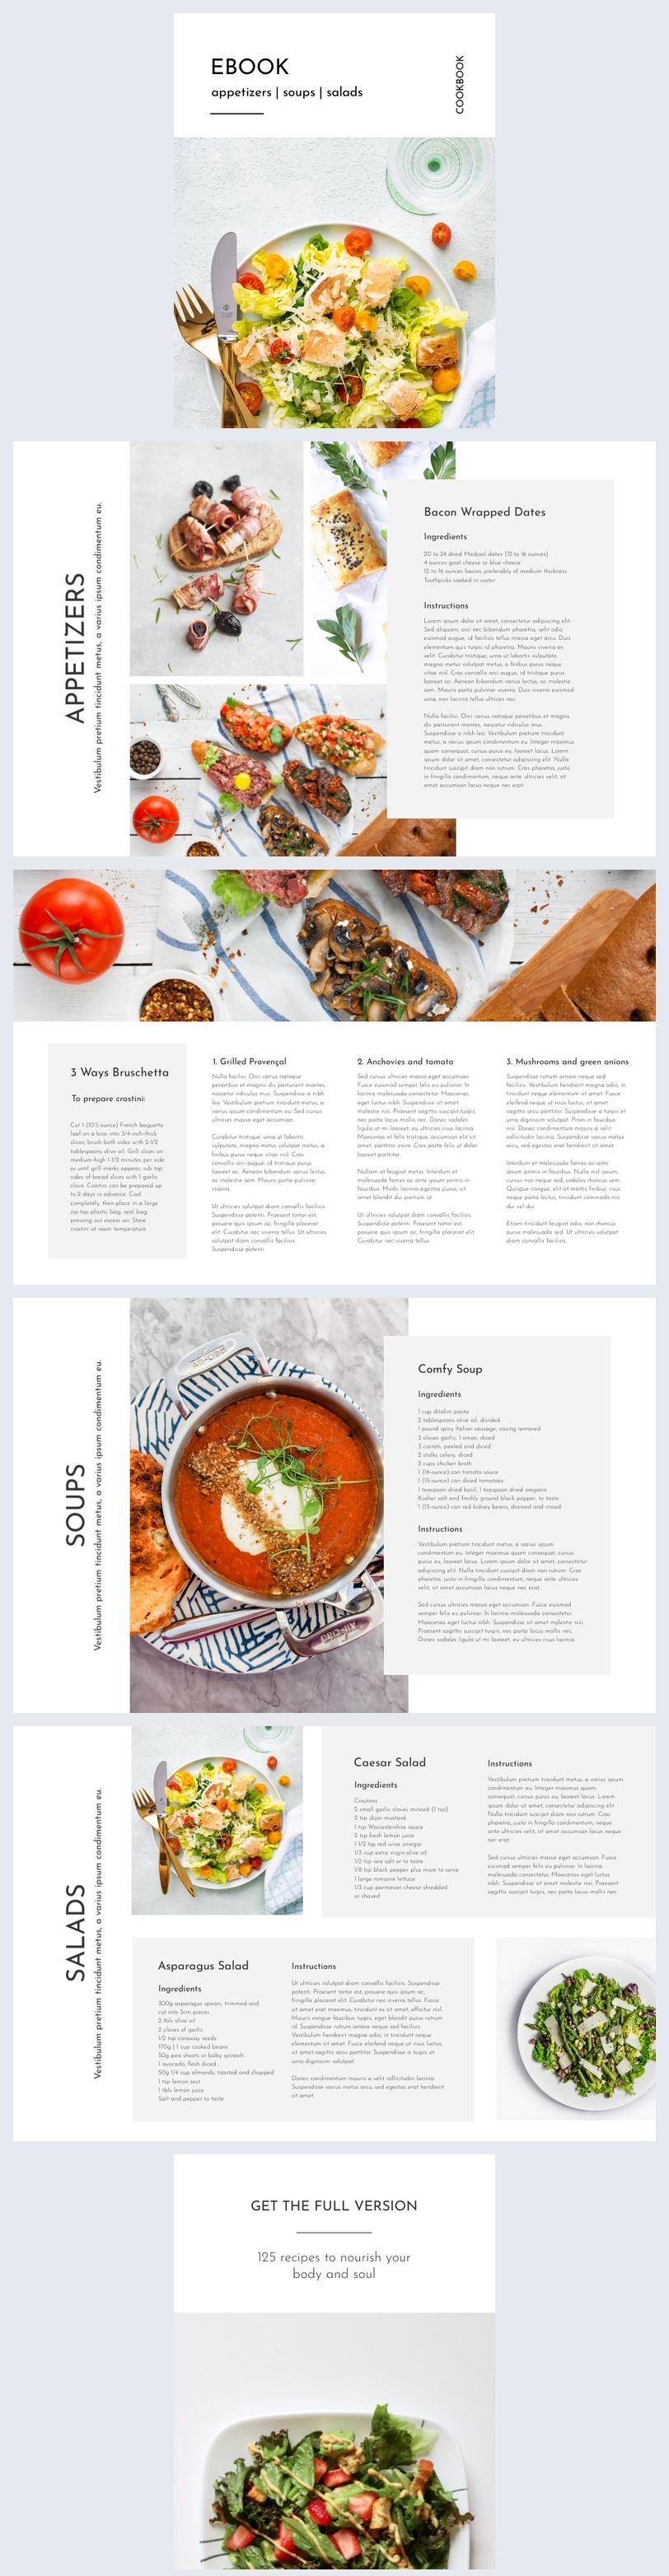 Ebook Cookbook Design Example